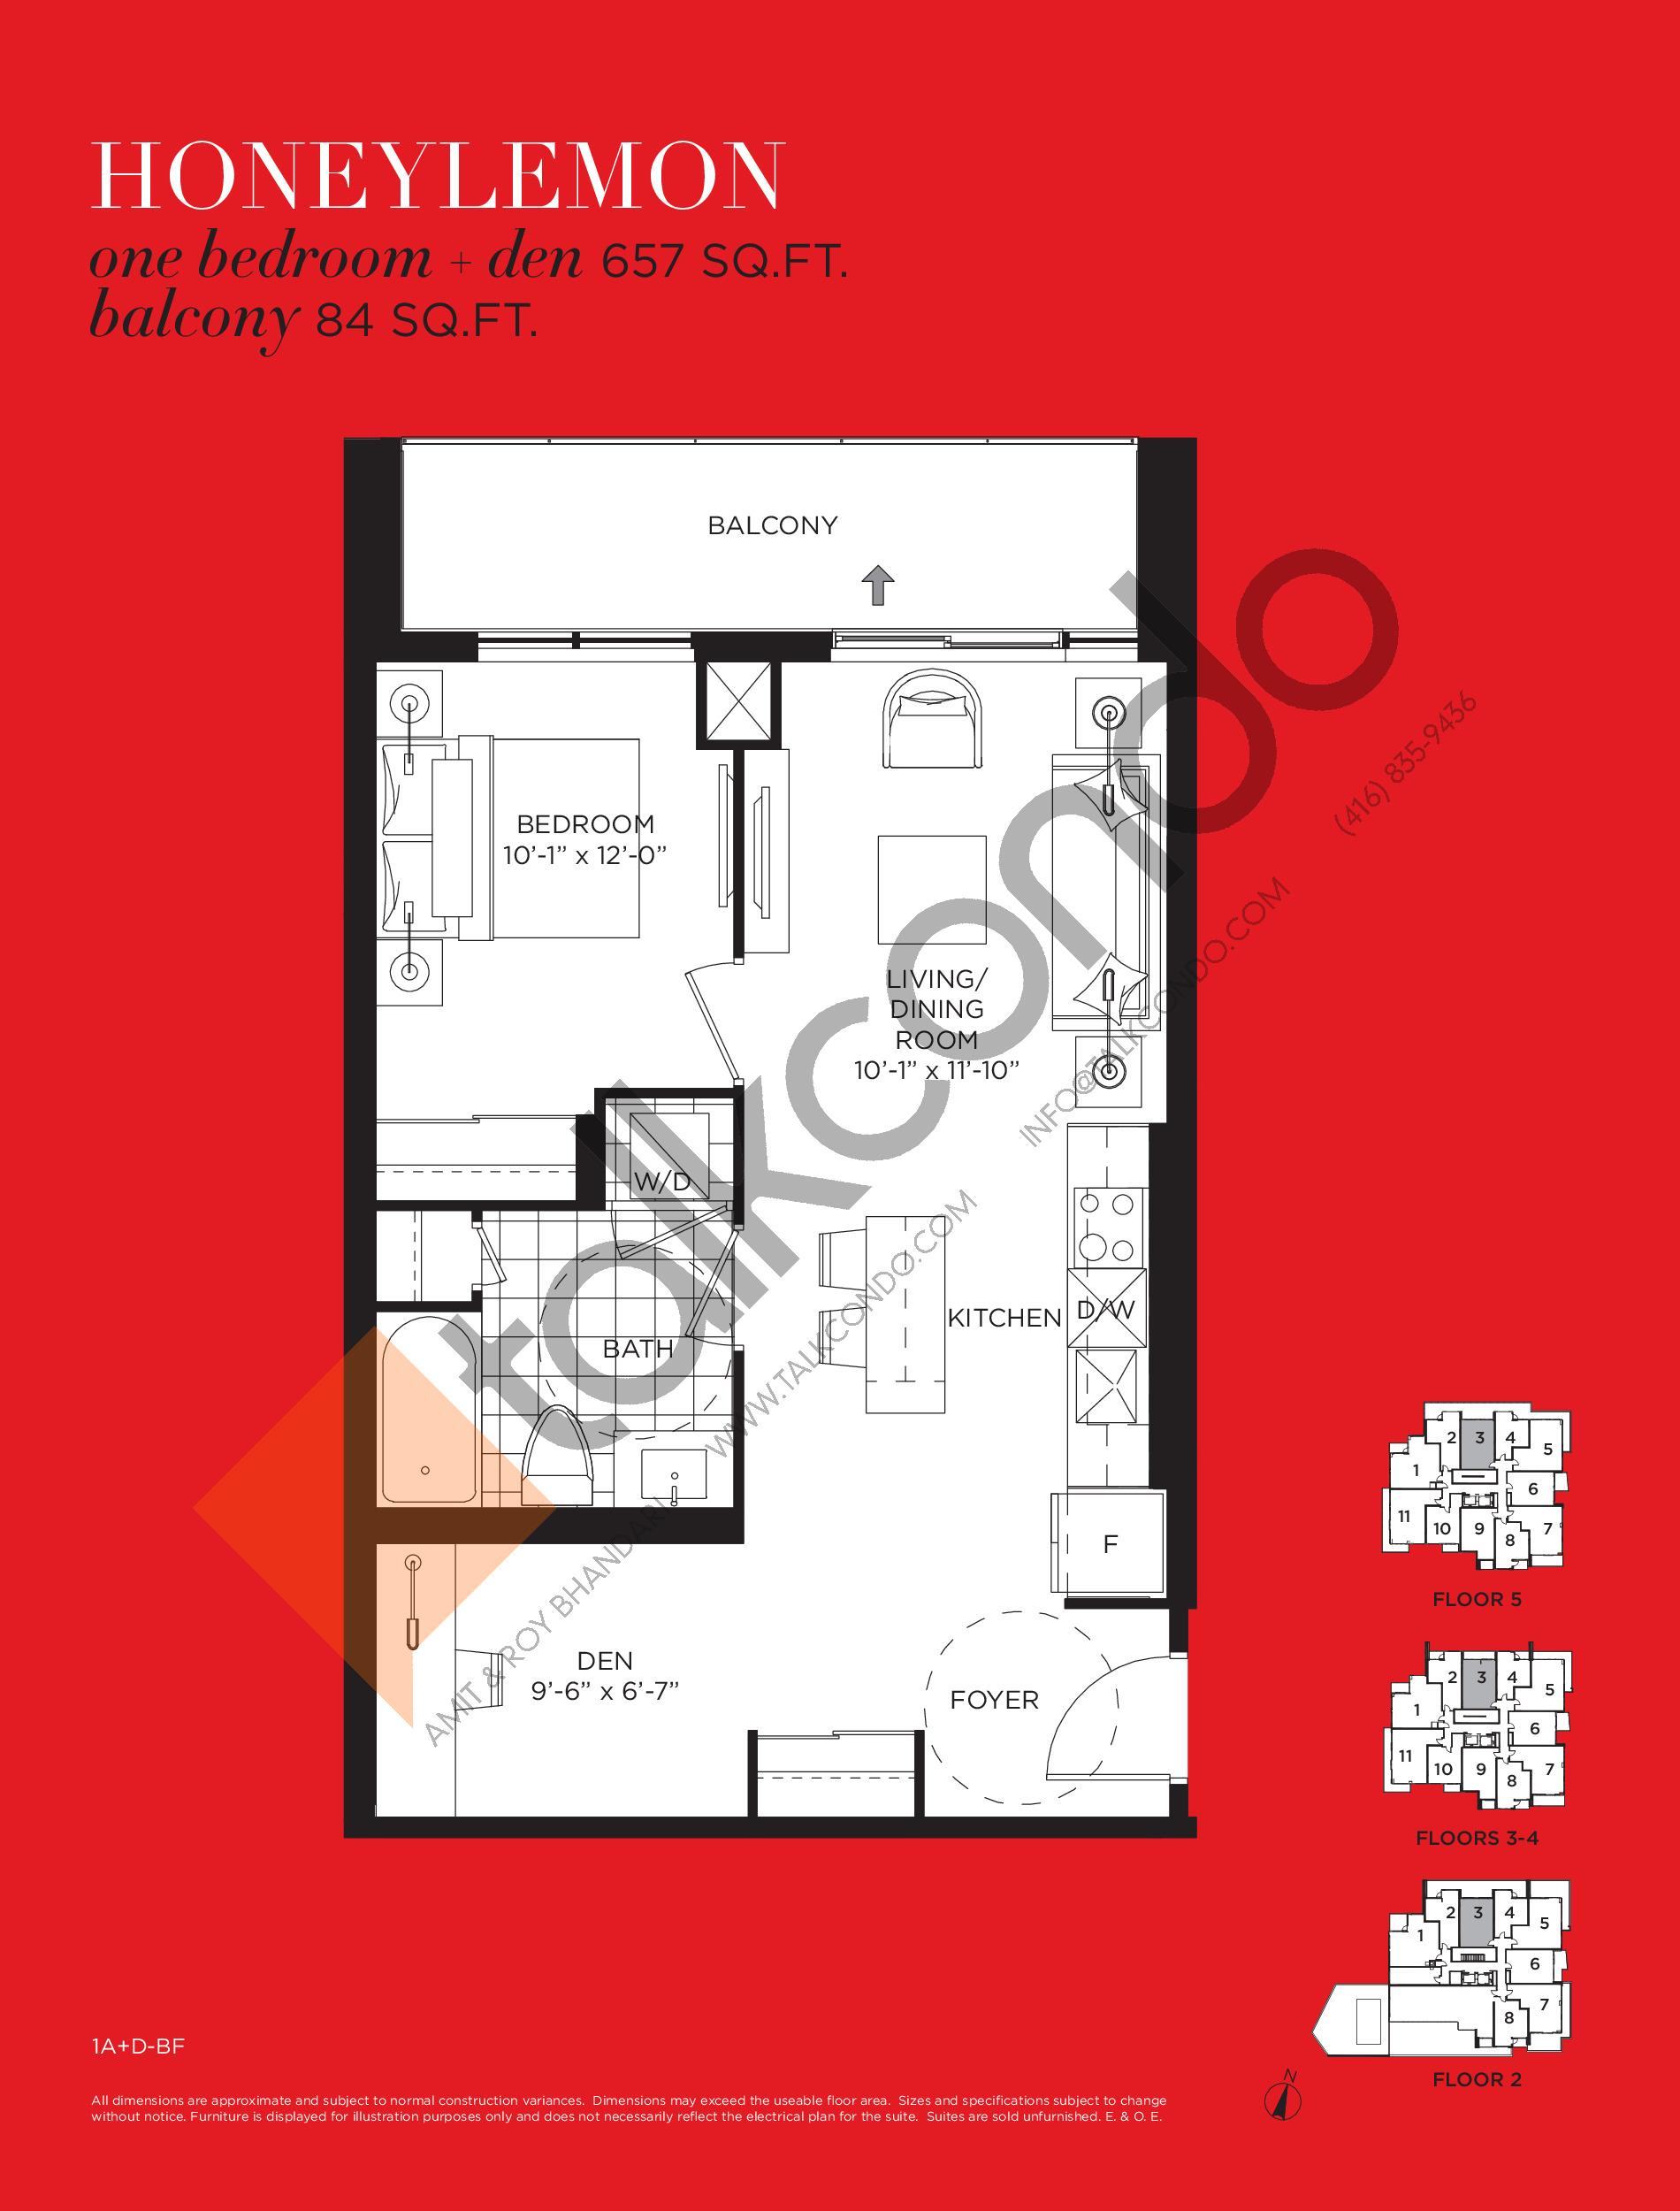 Honeylemon Floor Plan at Tea Garden Condos - 657 sq.ft